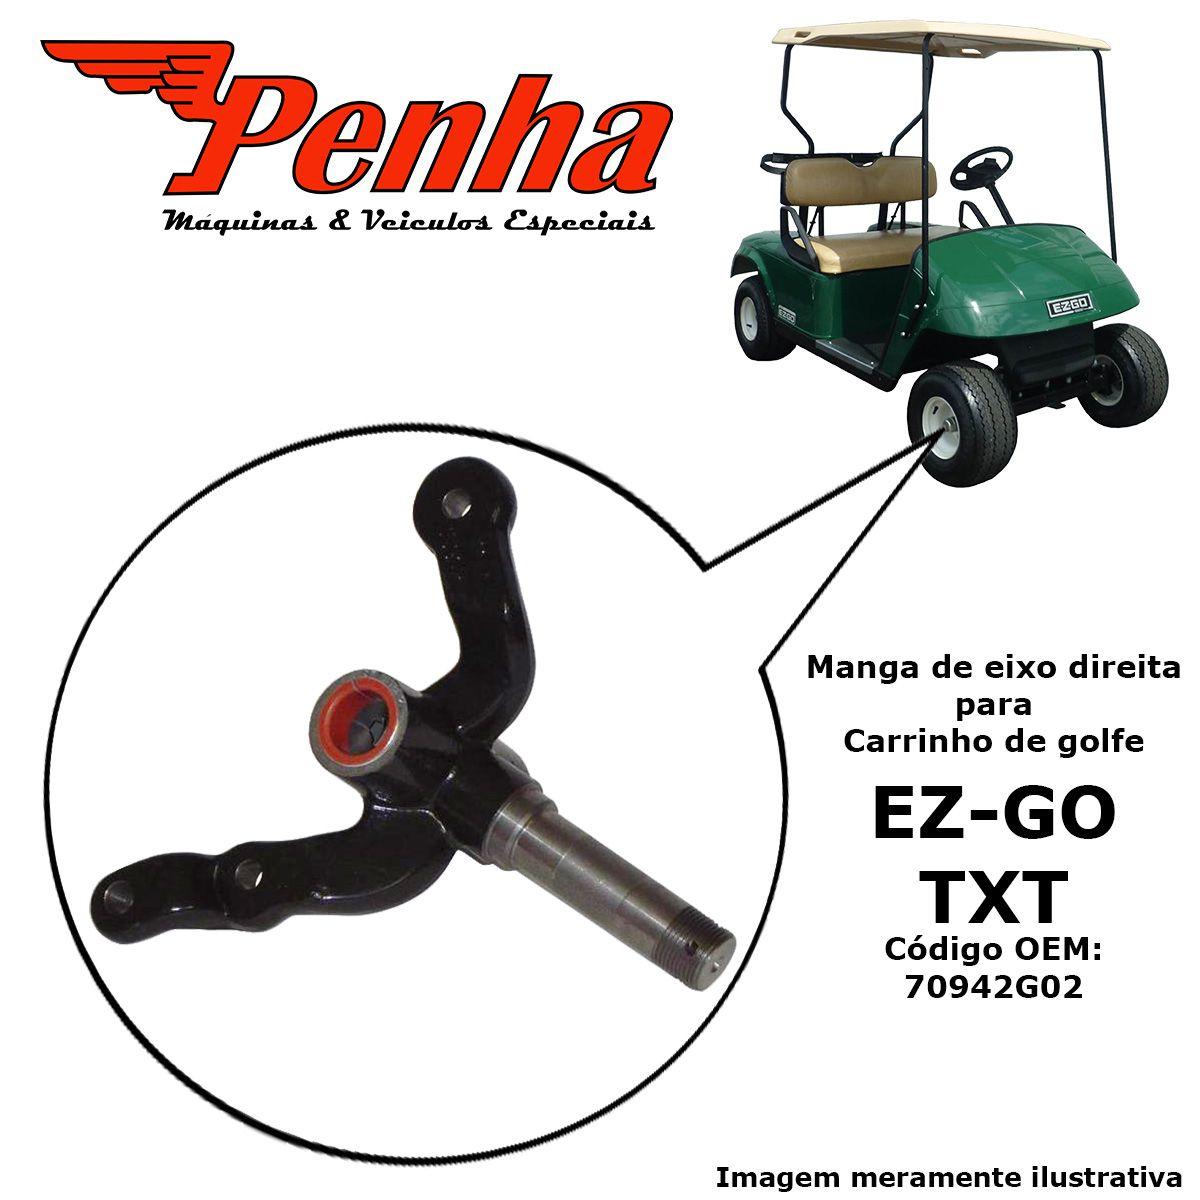 Manga de eixo direita para carrinho de golfe  EZ-GO TXT